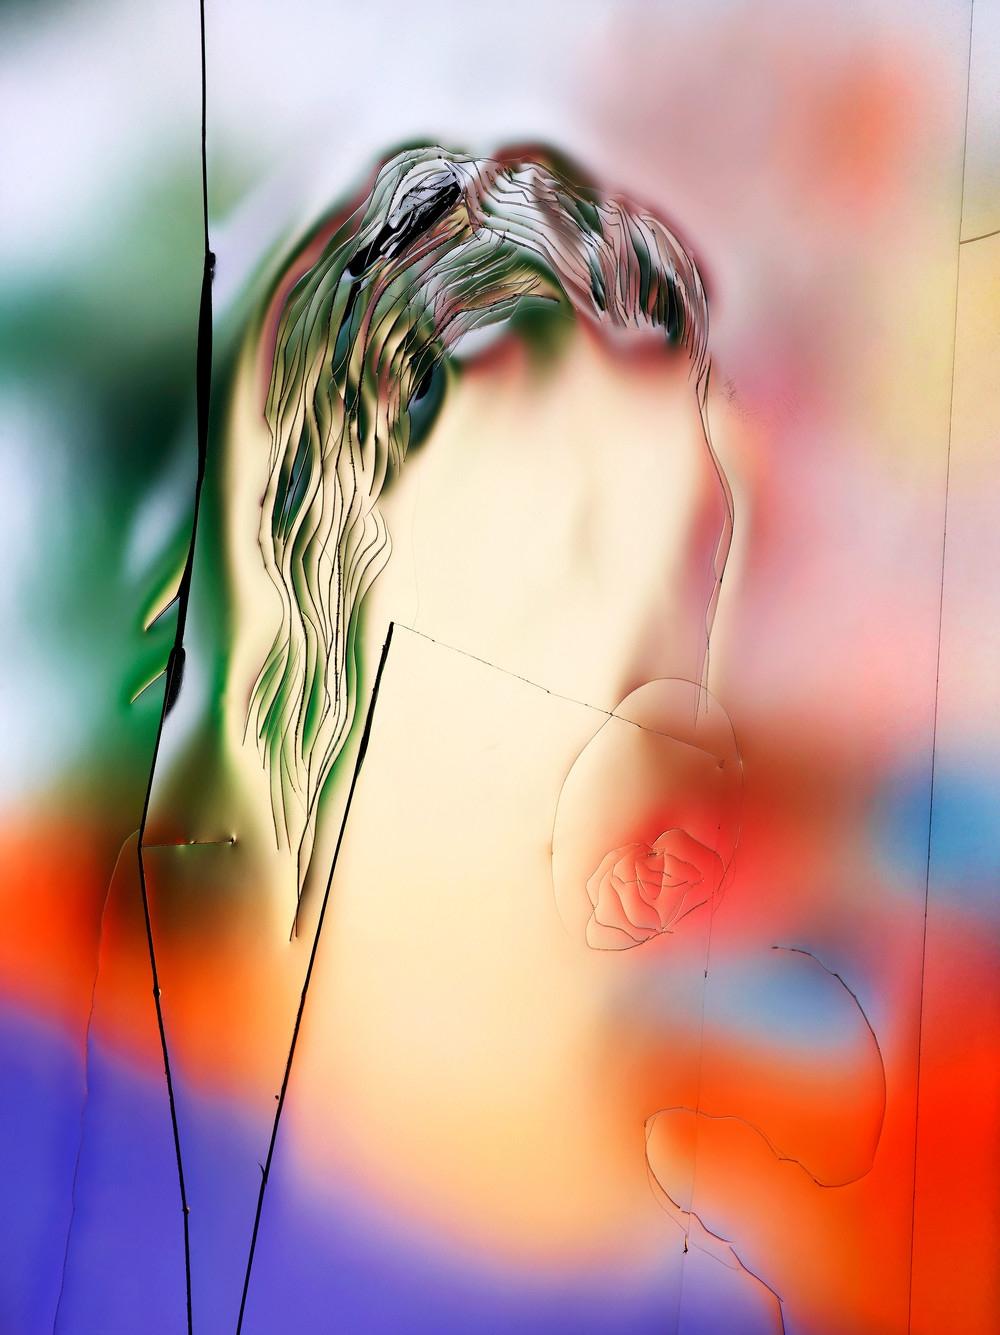 Manon Wertenbroek smile yesterd - modernism_is_crap | ello